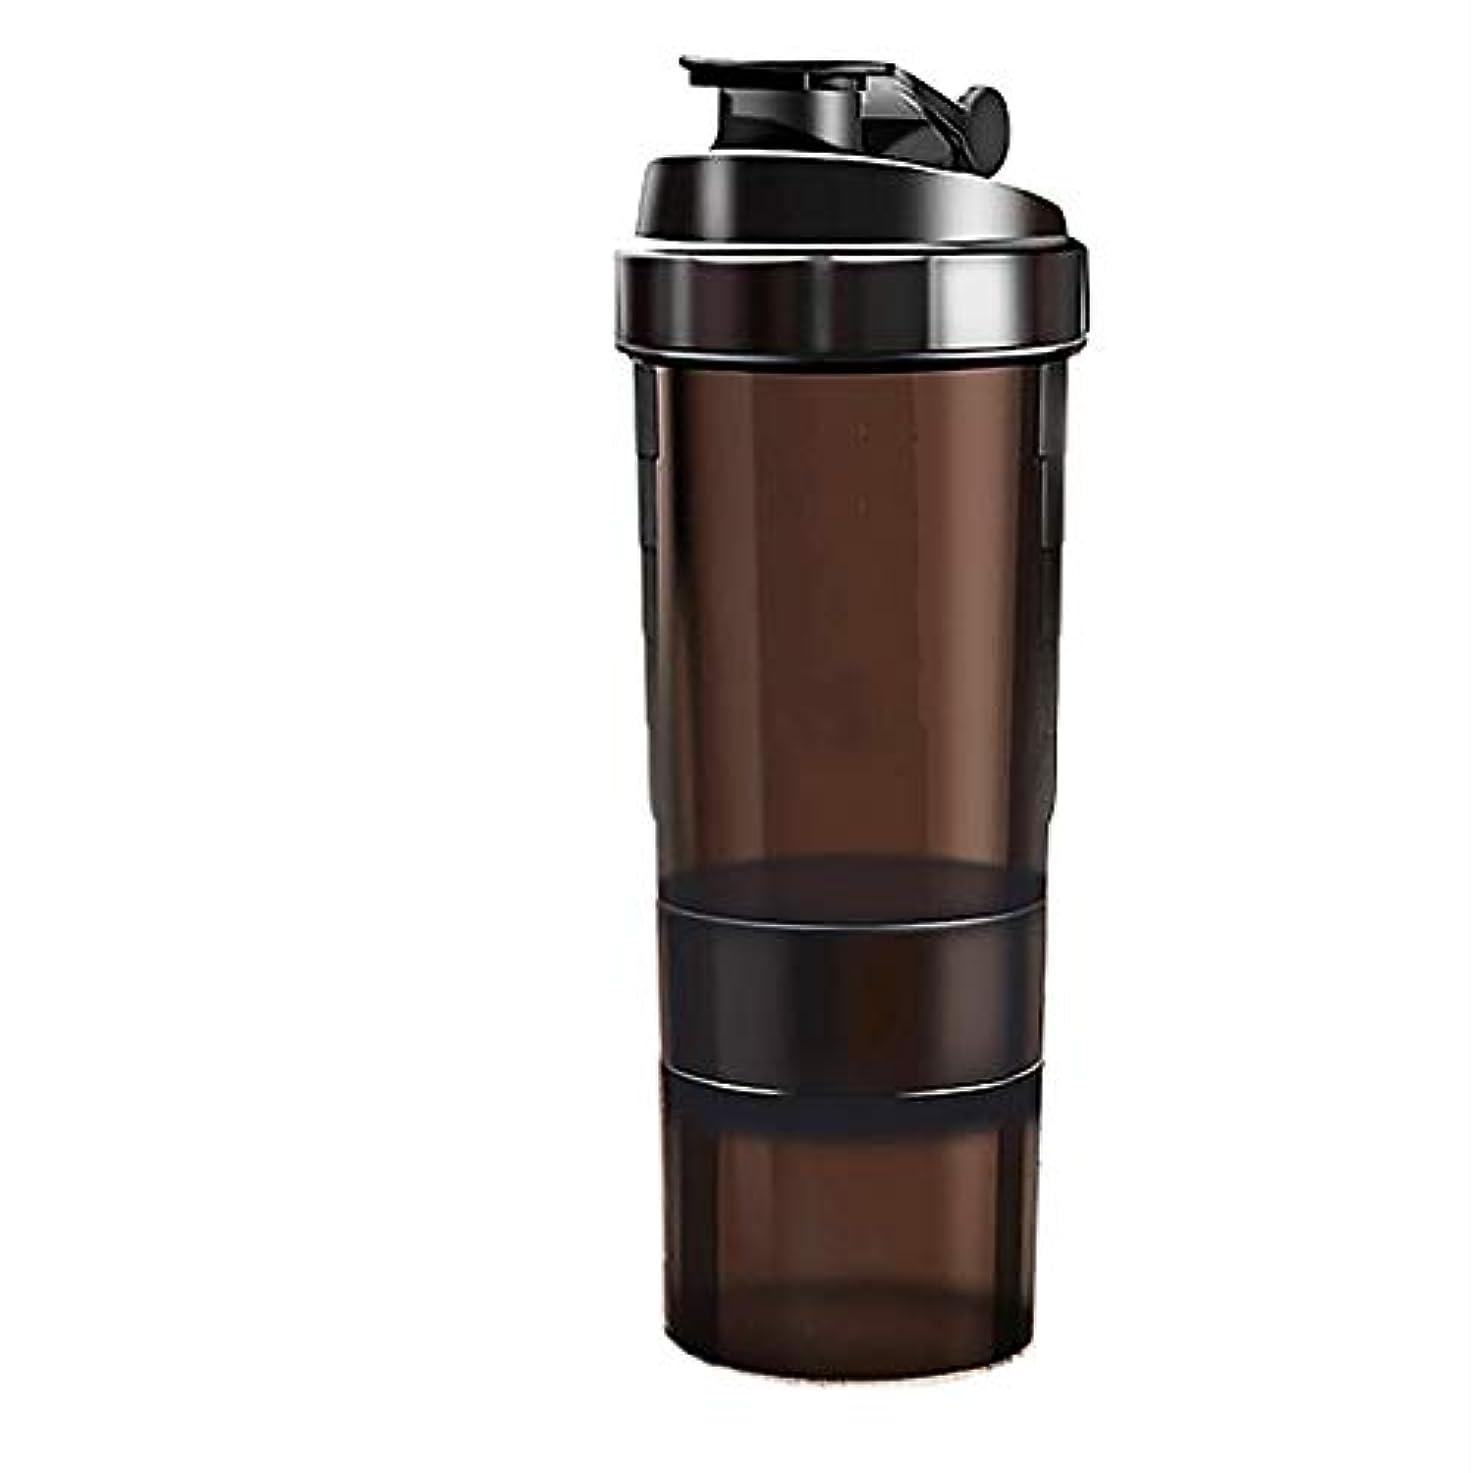 嫌がらせ謙虚気づかないミルクセーキ シェイクカップフ[ 最新デザイン ] 多層タンパク質粉末 シェイクカップフ ィット ネススポーツウォーターボトル 旋風やかんミルク スケールティーカップ(ブラック)